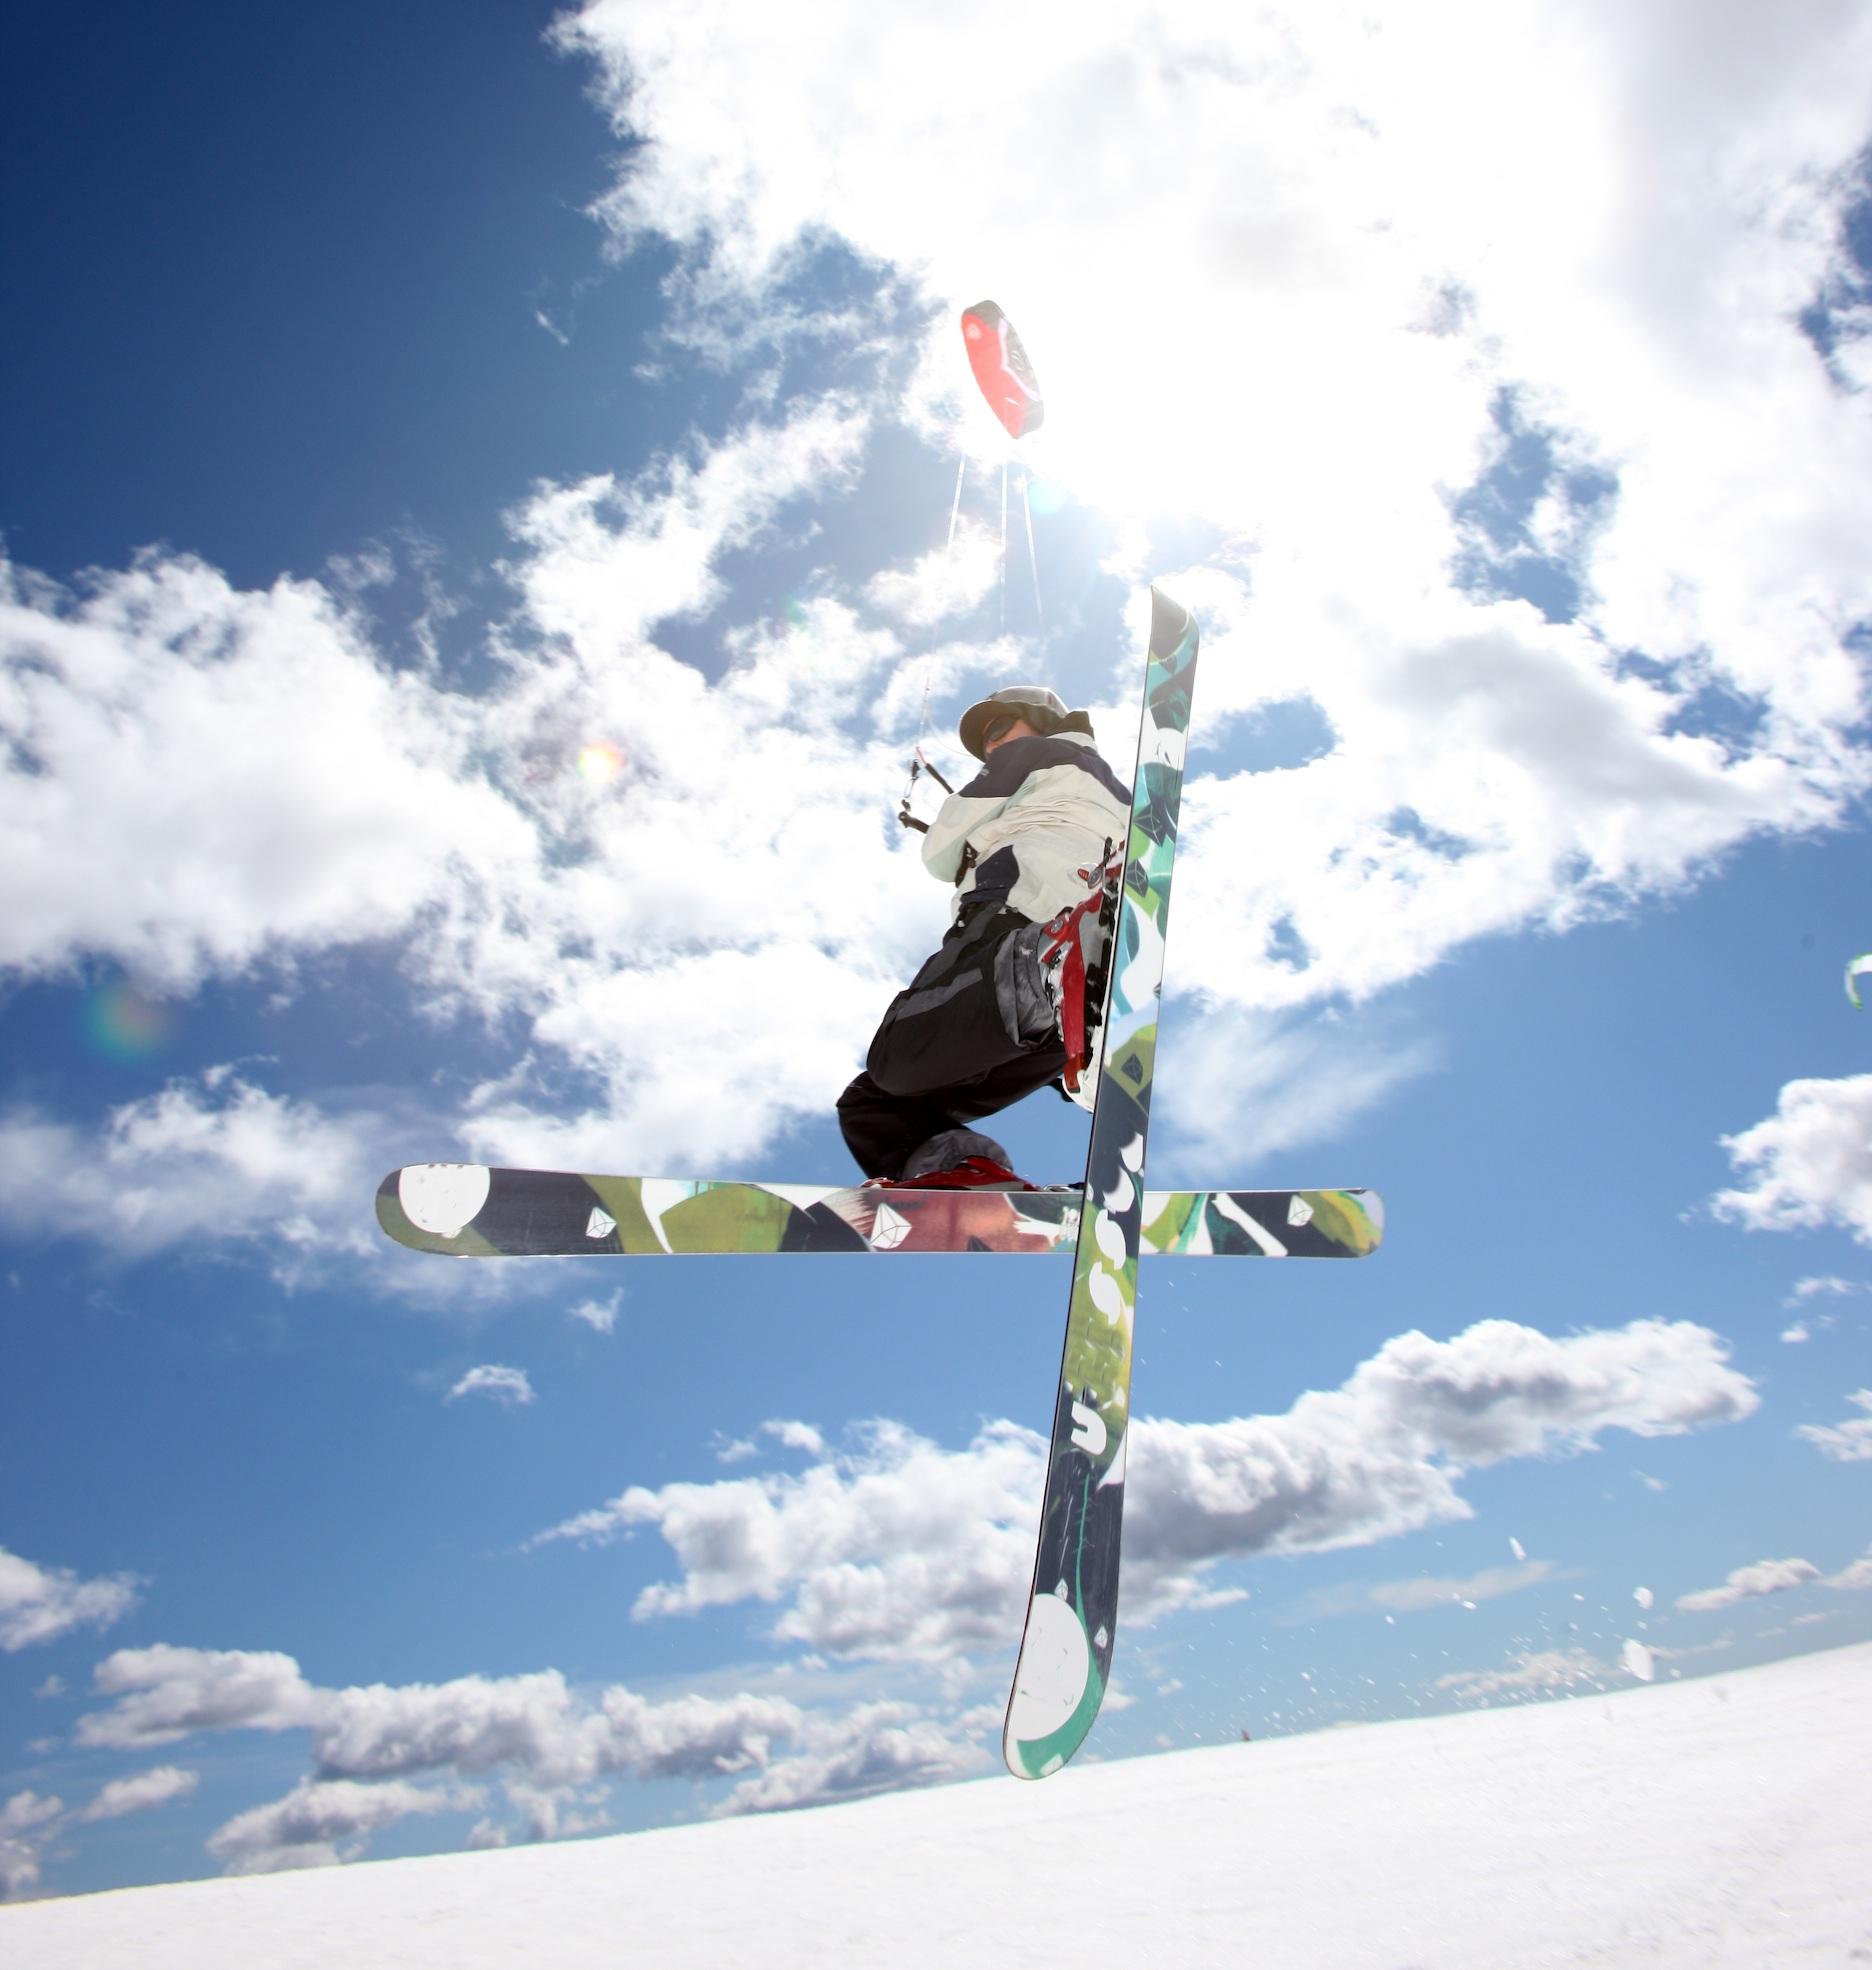 Le snowkite dans le 06! - Page 4 Snowkite-news